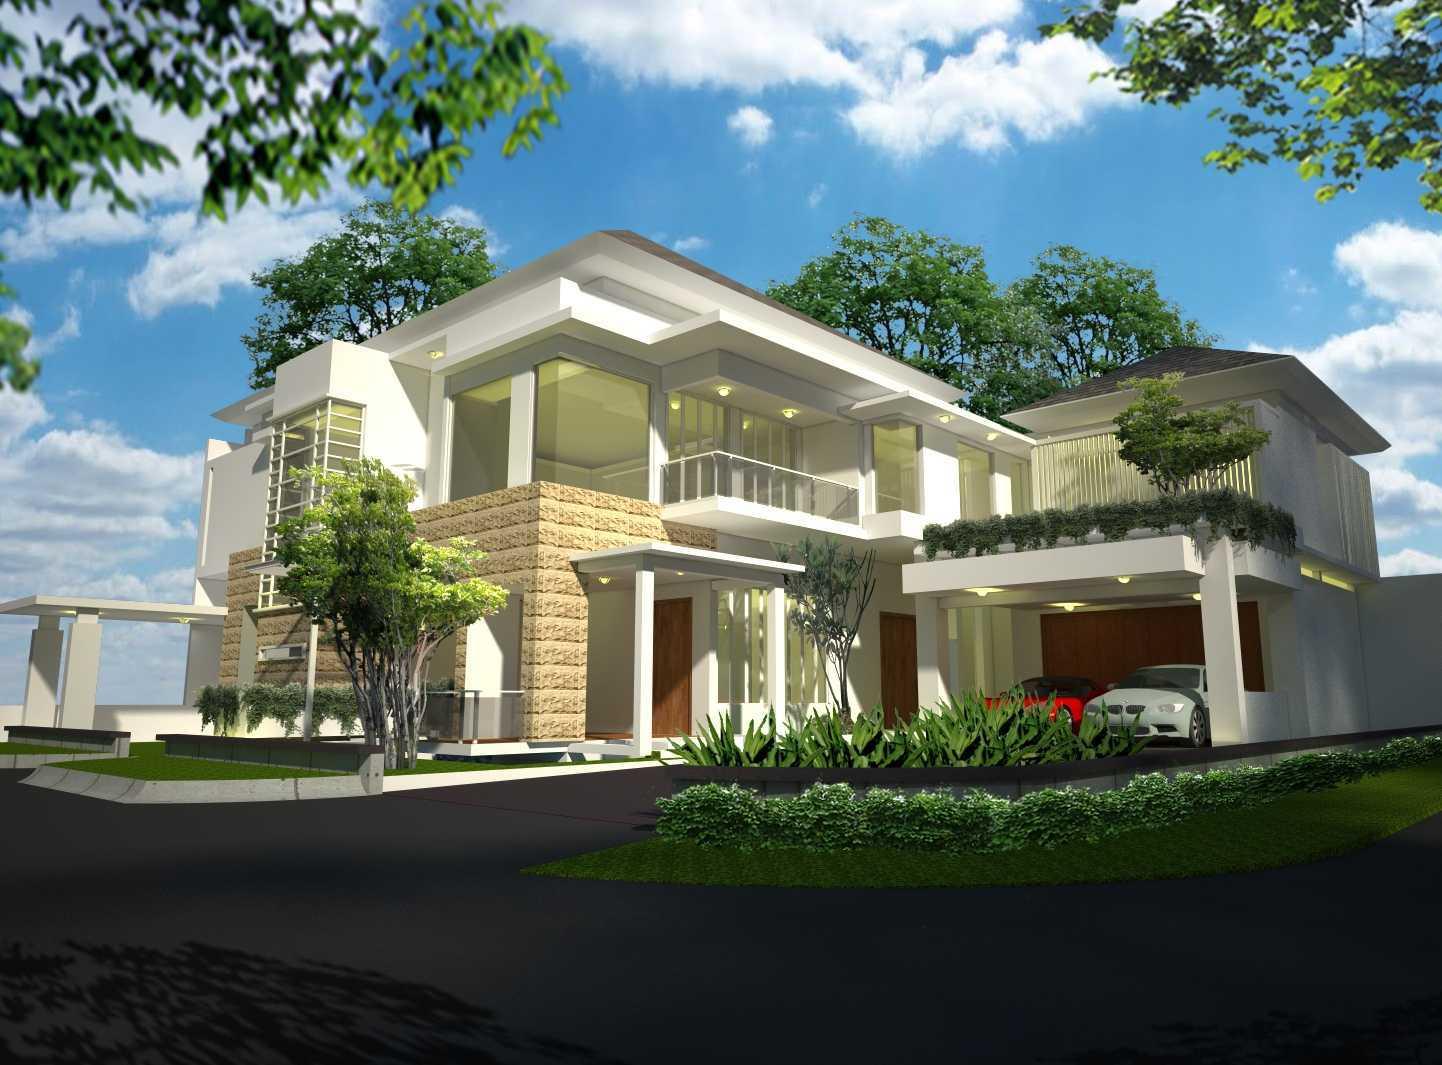 Aditya Wijaya / Studio Indirakasa Lejok House Yogyakarta Yogyakarta Front View  16812